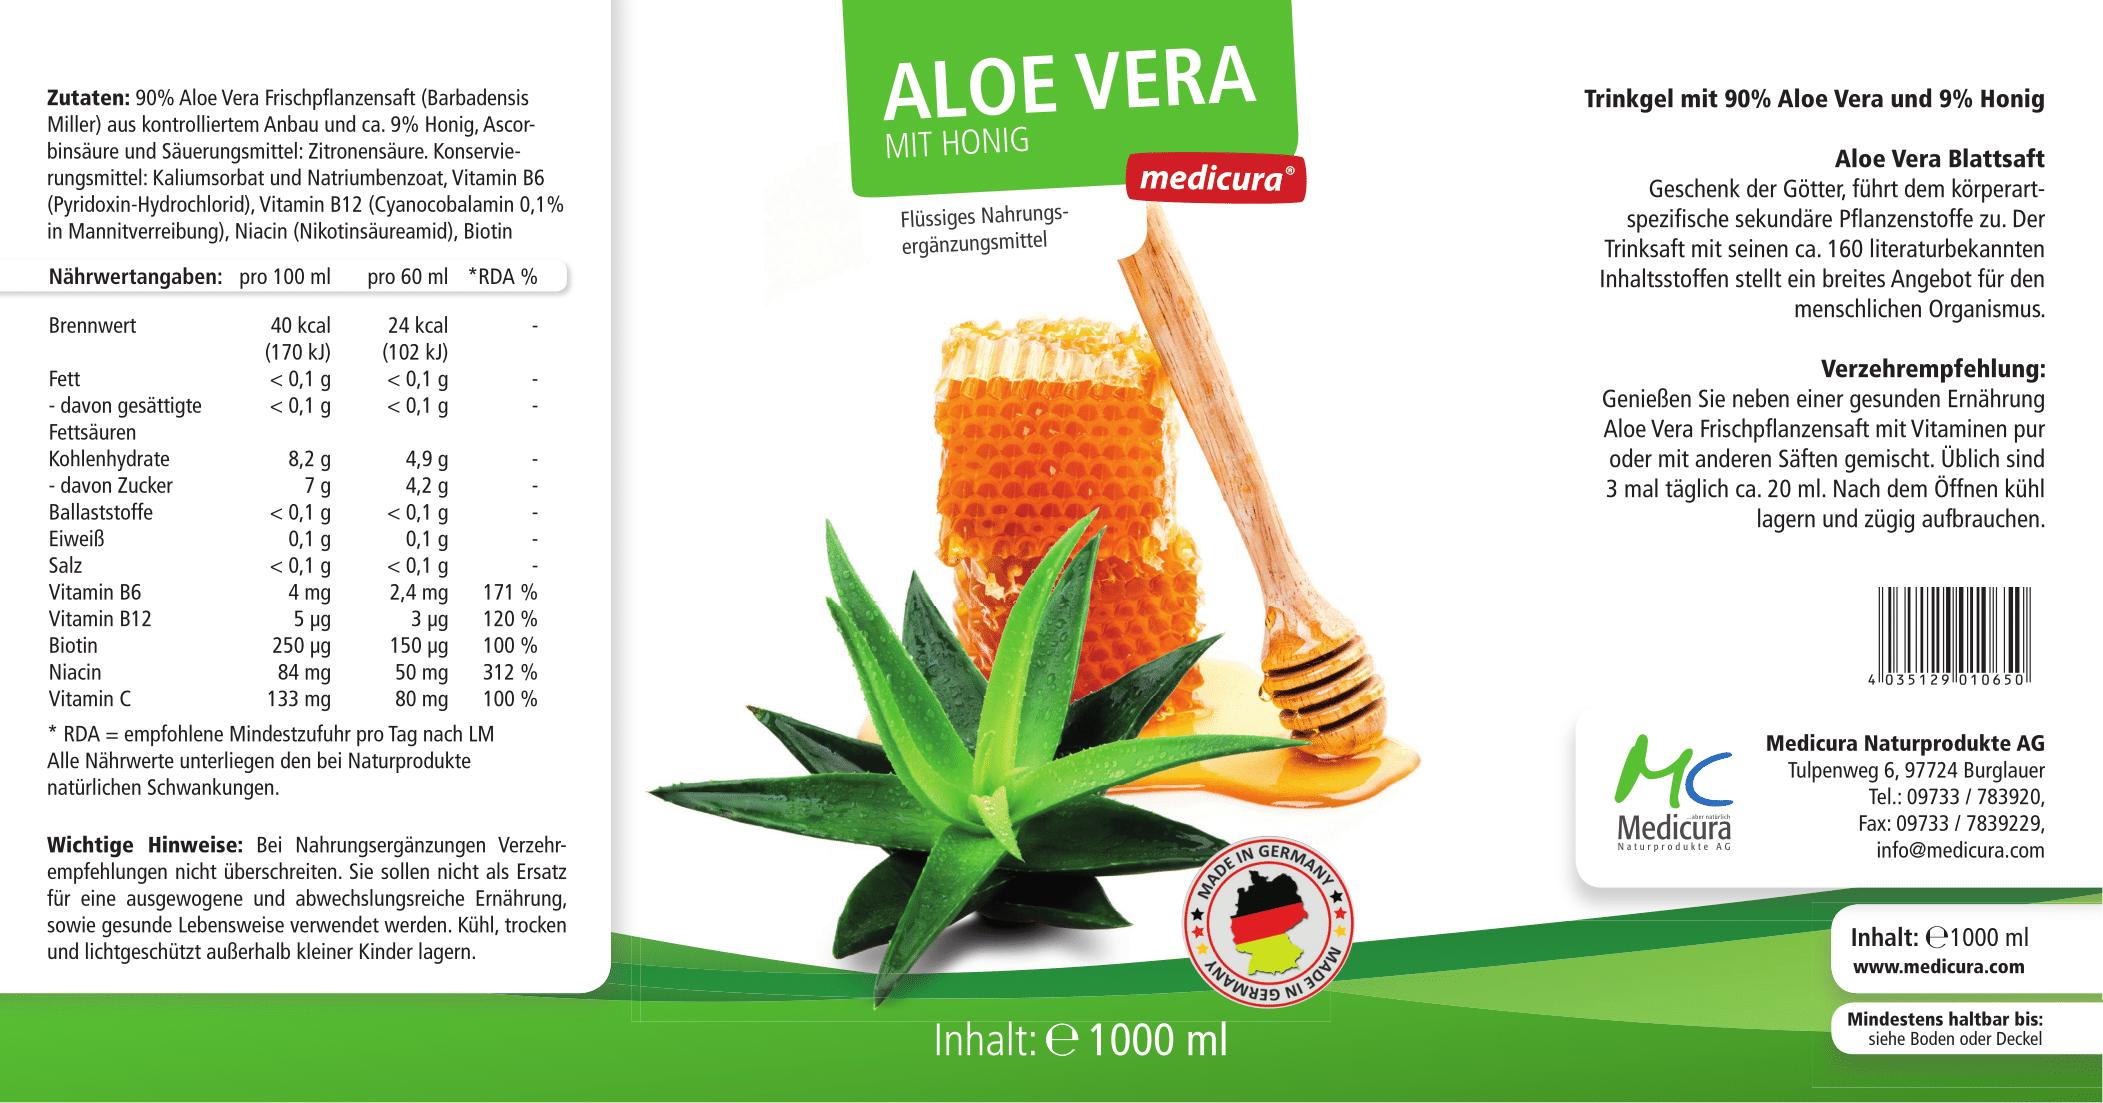 Aloe Vera Frischpflanzensaft mit Honig - 1000 ml PET-Flasche